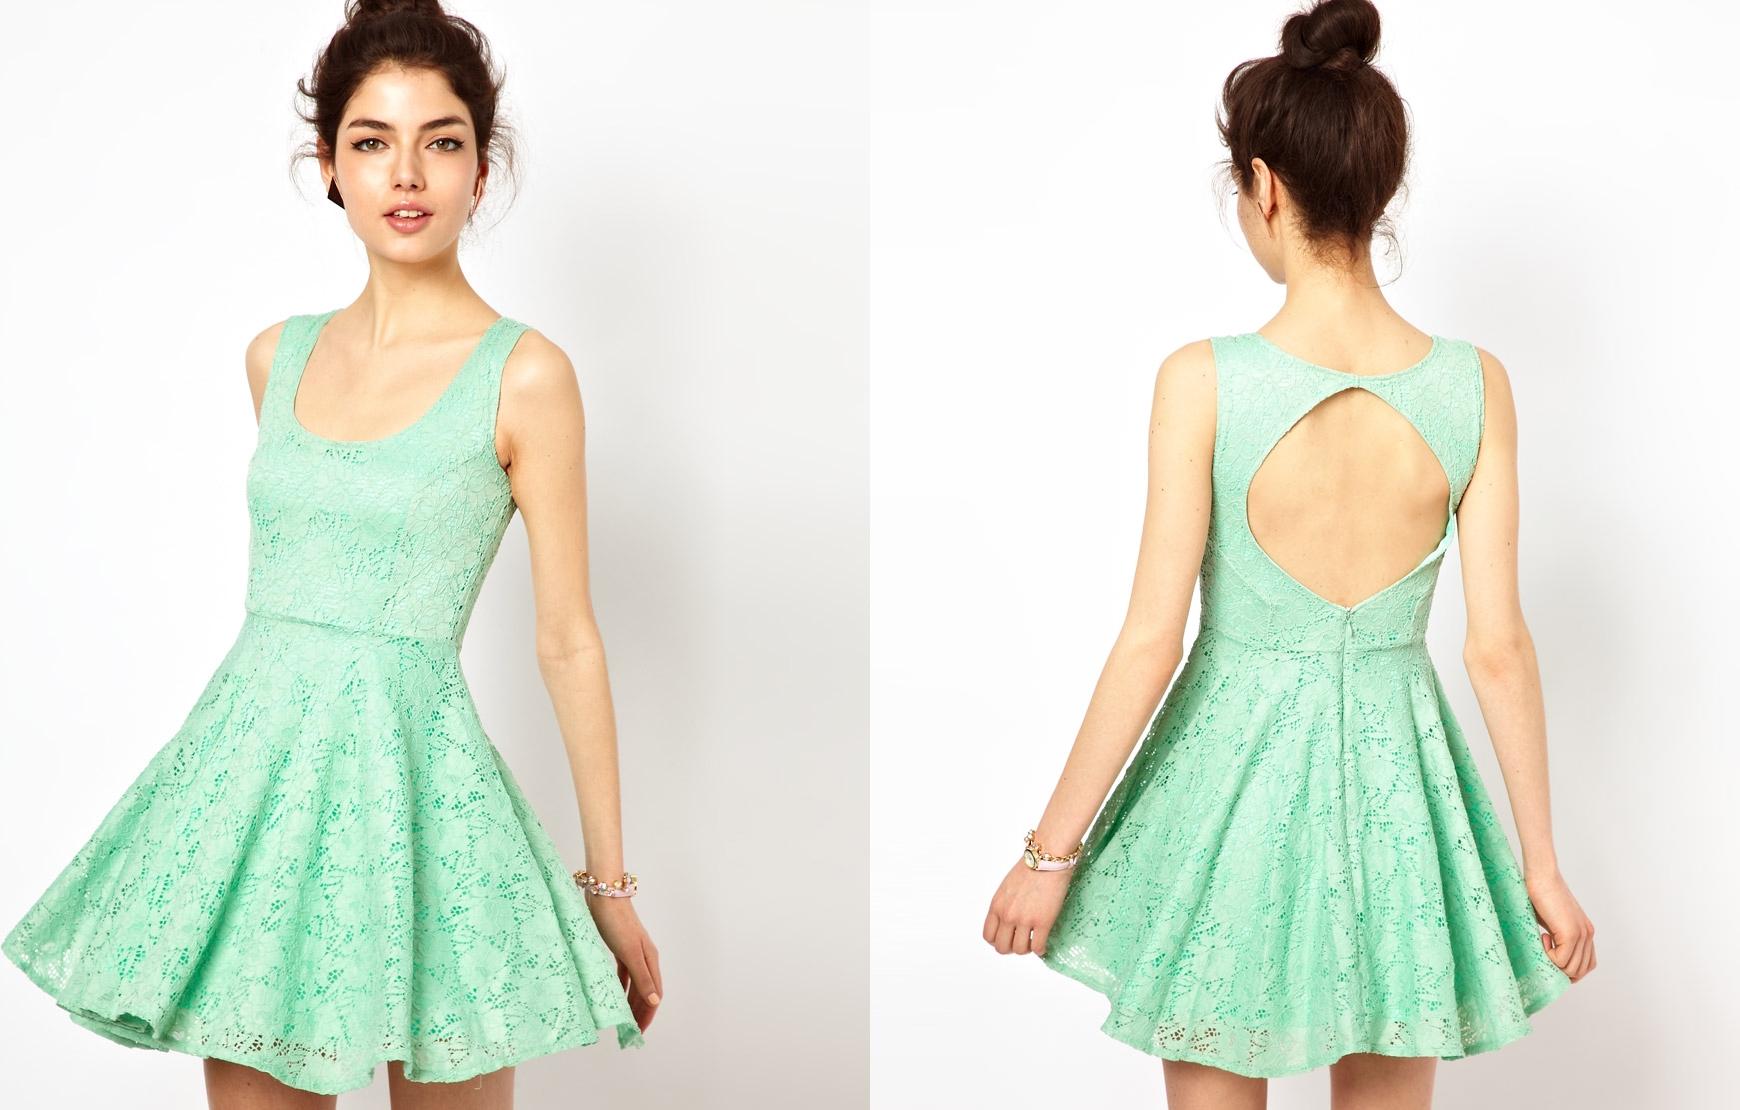 Imagenes de vestidos verde menta para ninas